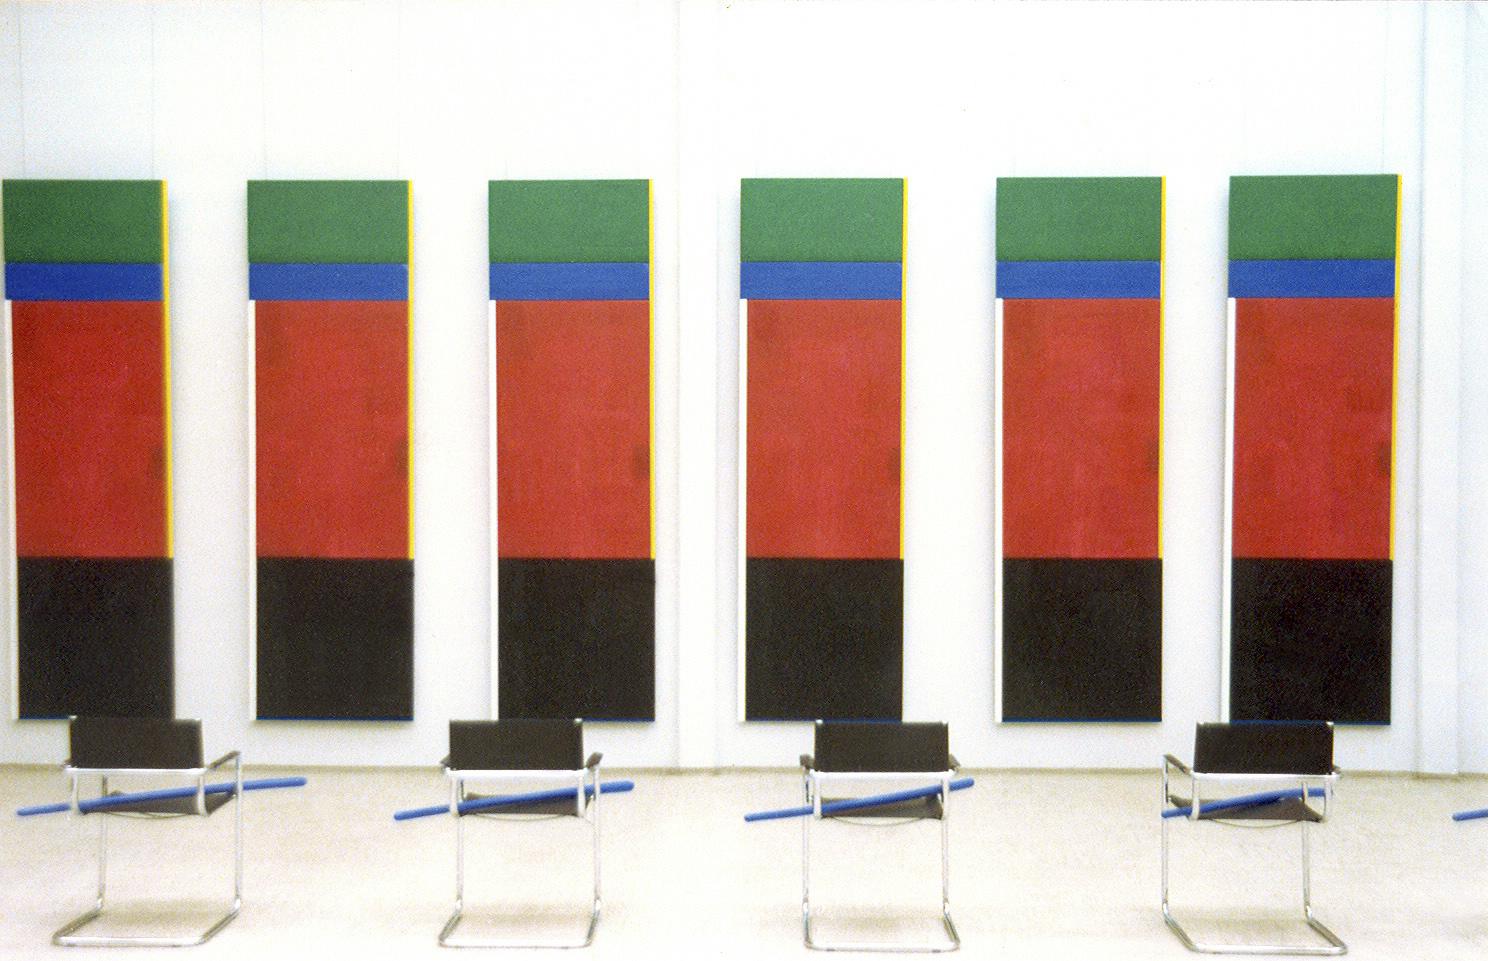 akril, les (6 tabel 300 x 90 cm), 6 stolov in 6 modrih palic, 1994